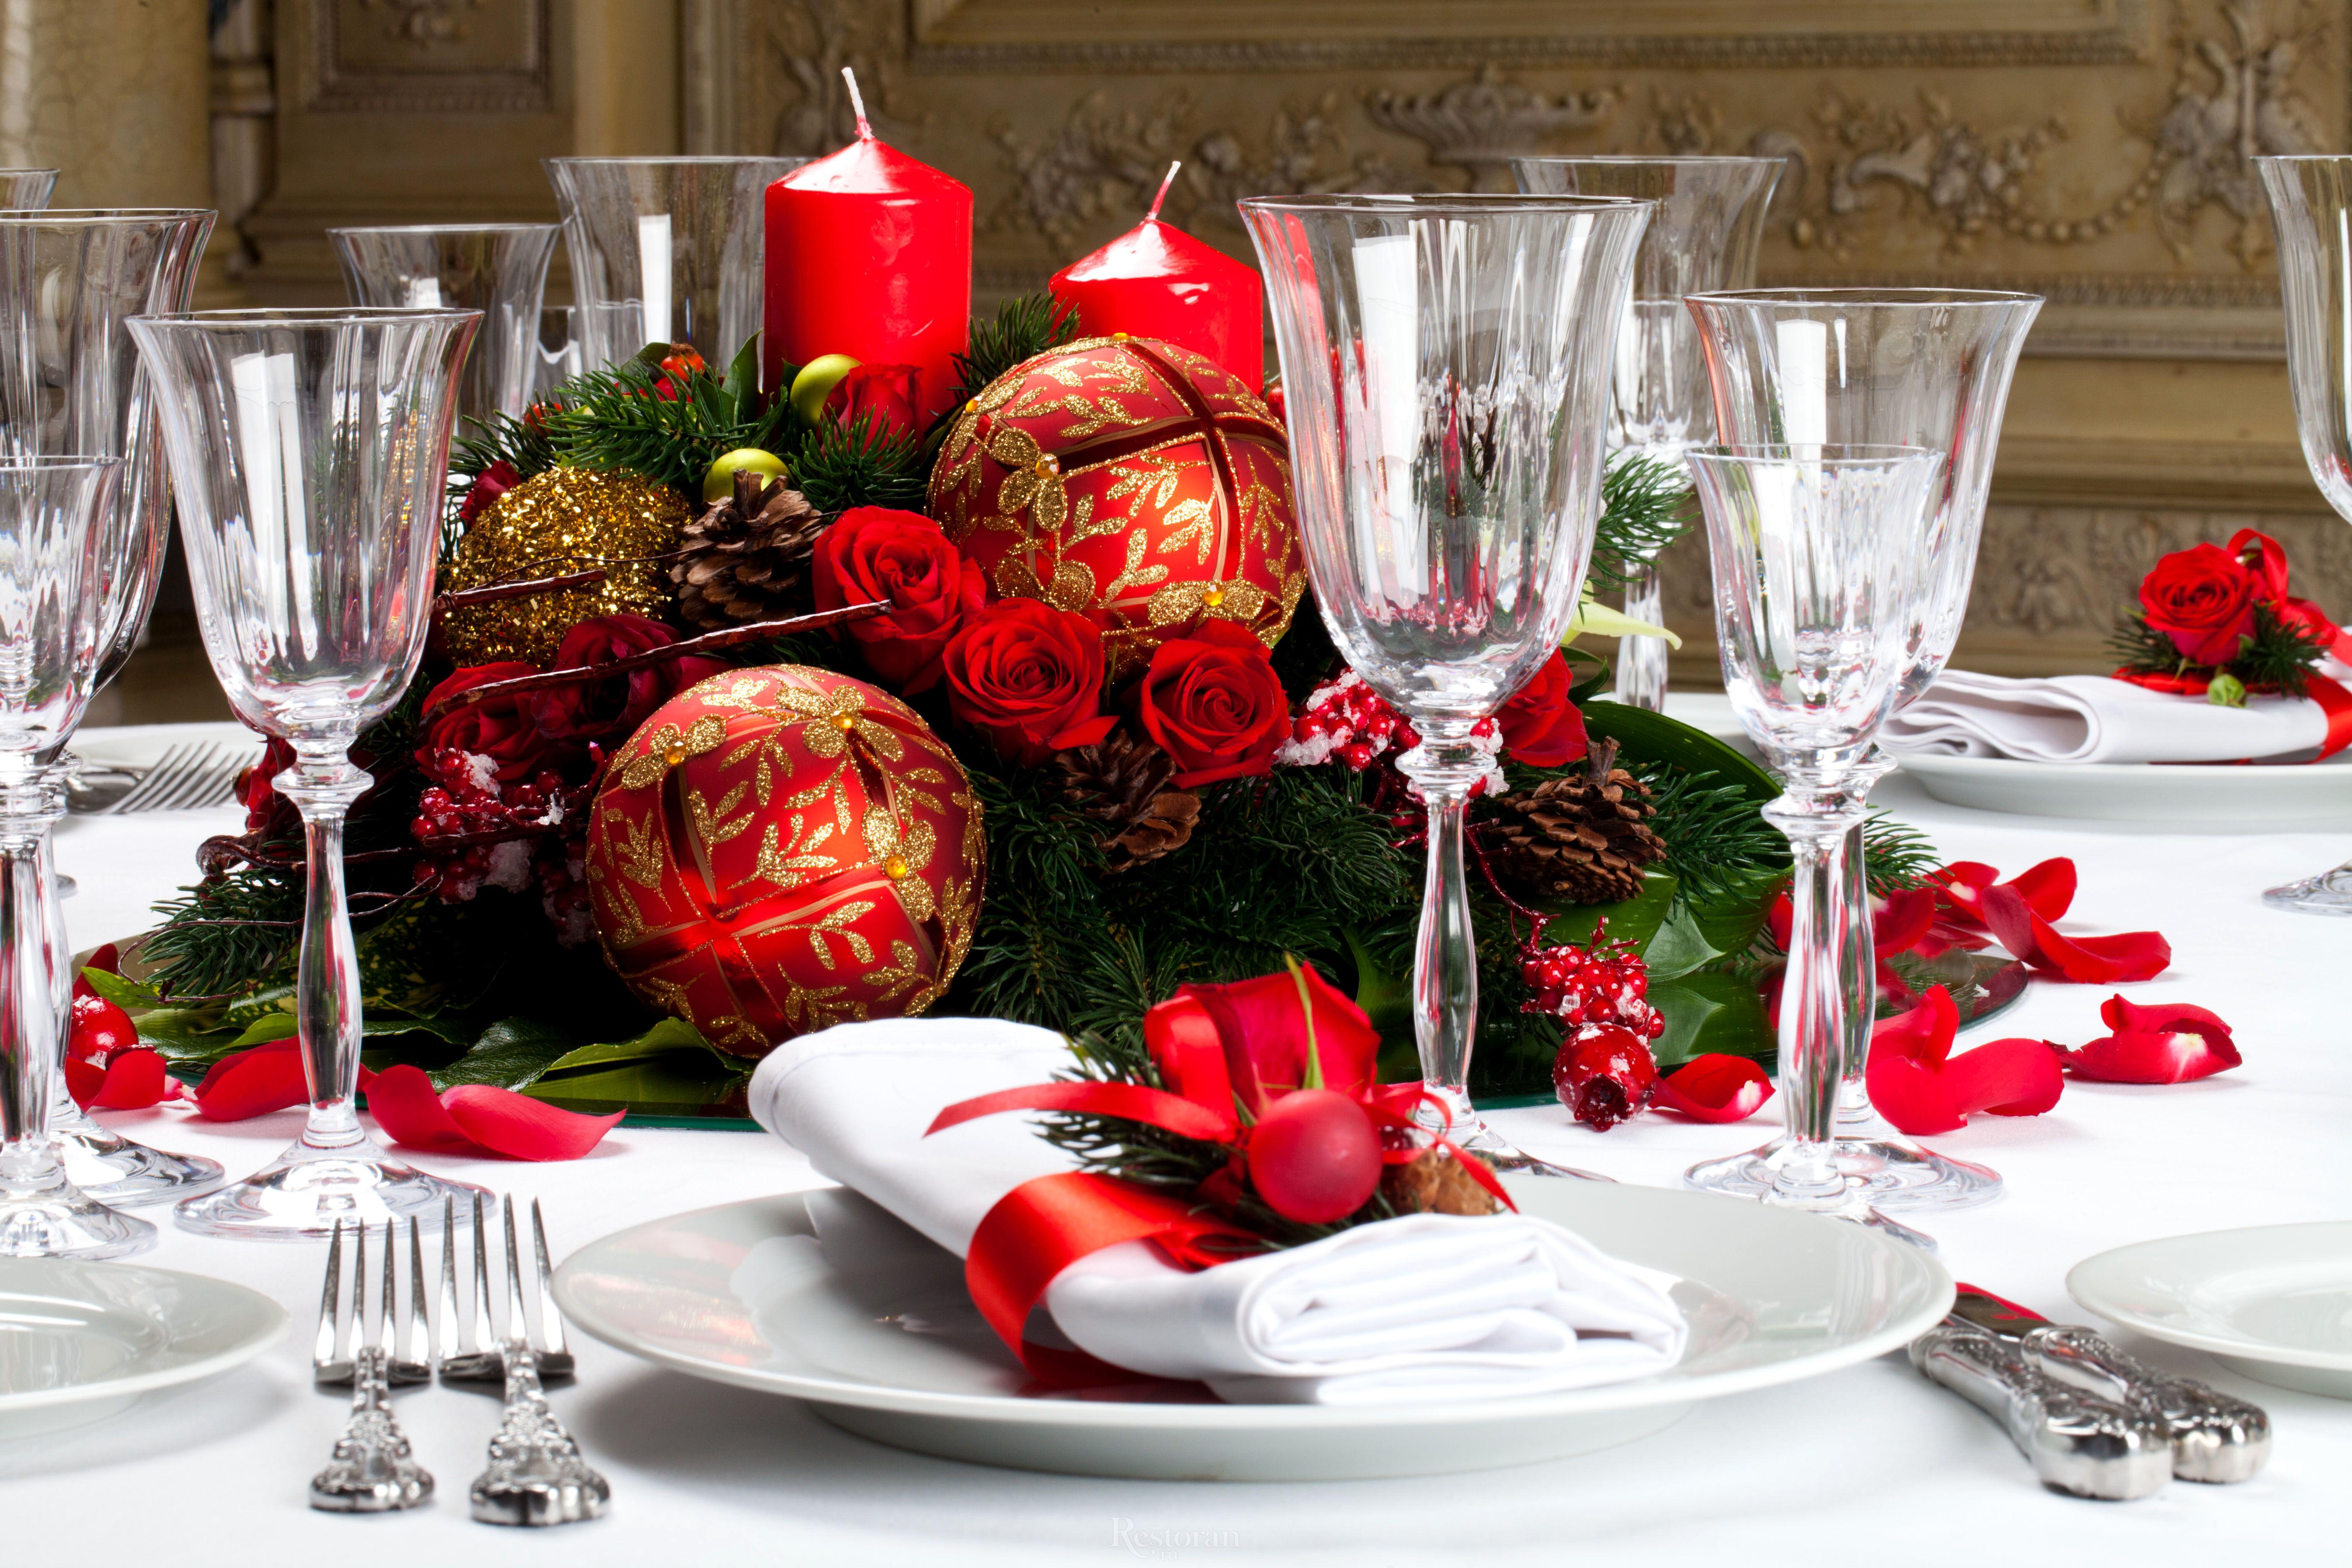 еда праздники свечи food holidays candles бесплатно